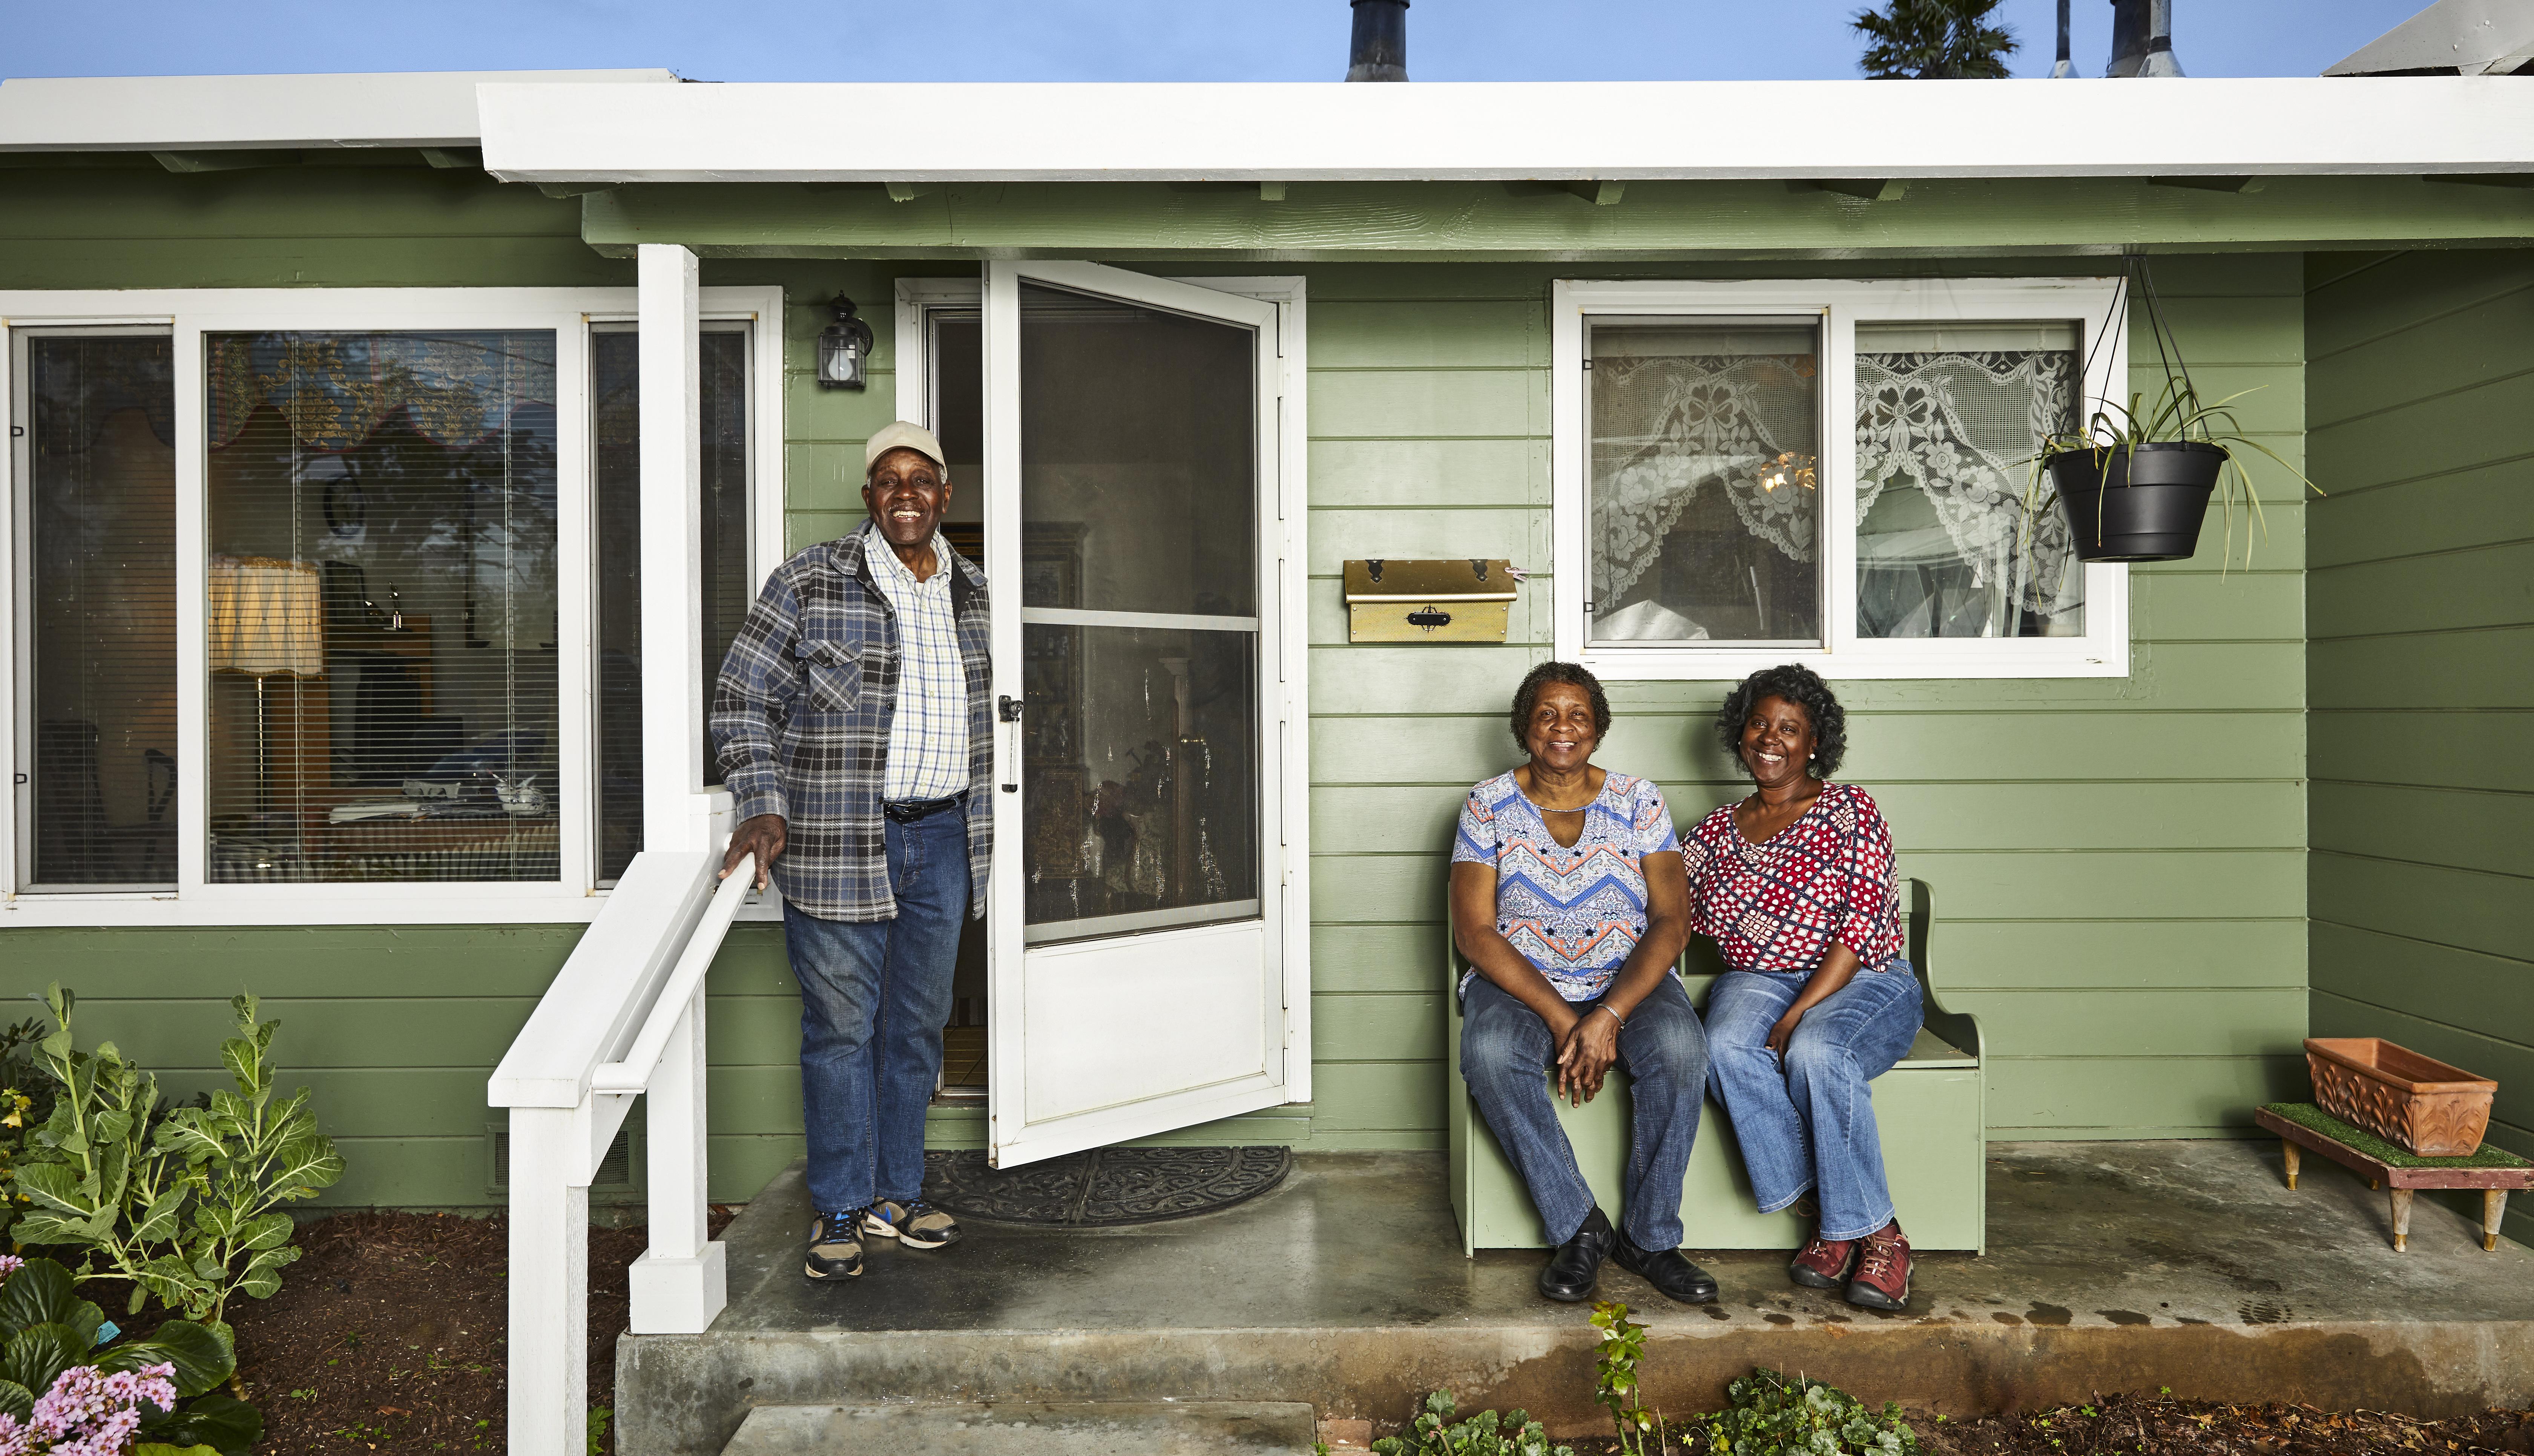 La familia Whitley, una pareja mayor con su hija adulta, en su casa en Santa Cruz, California.